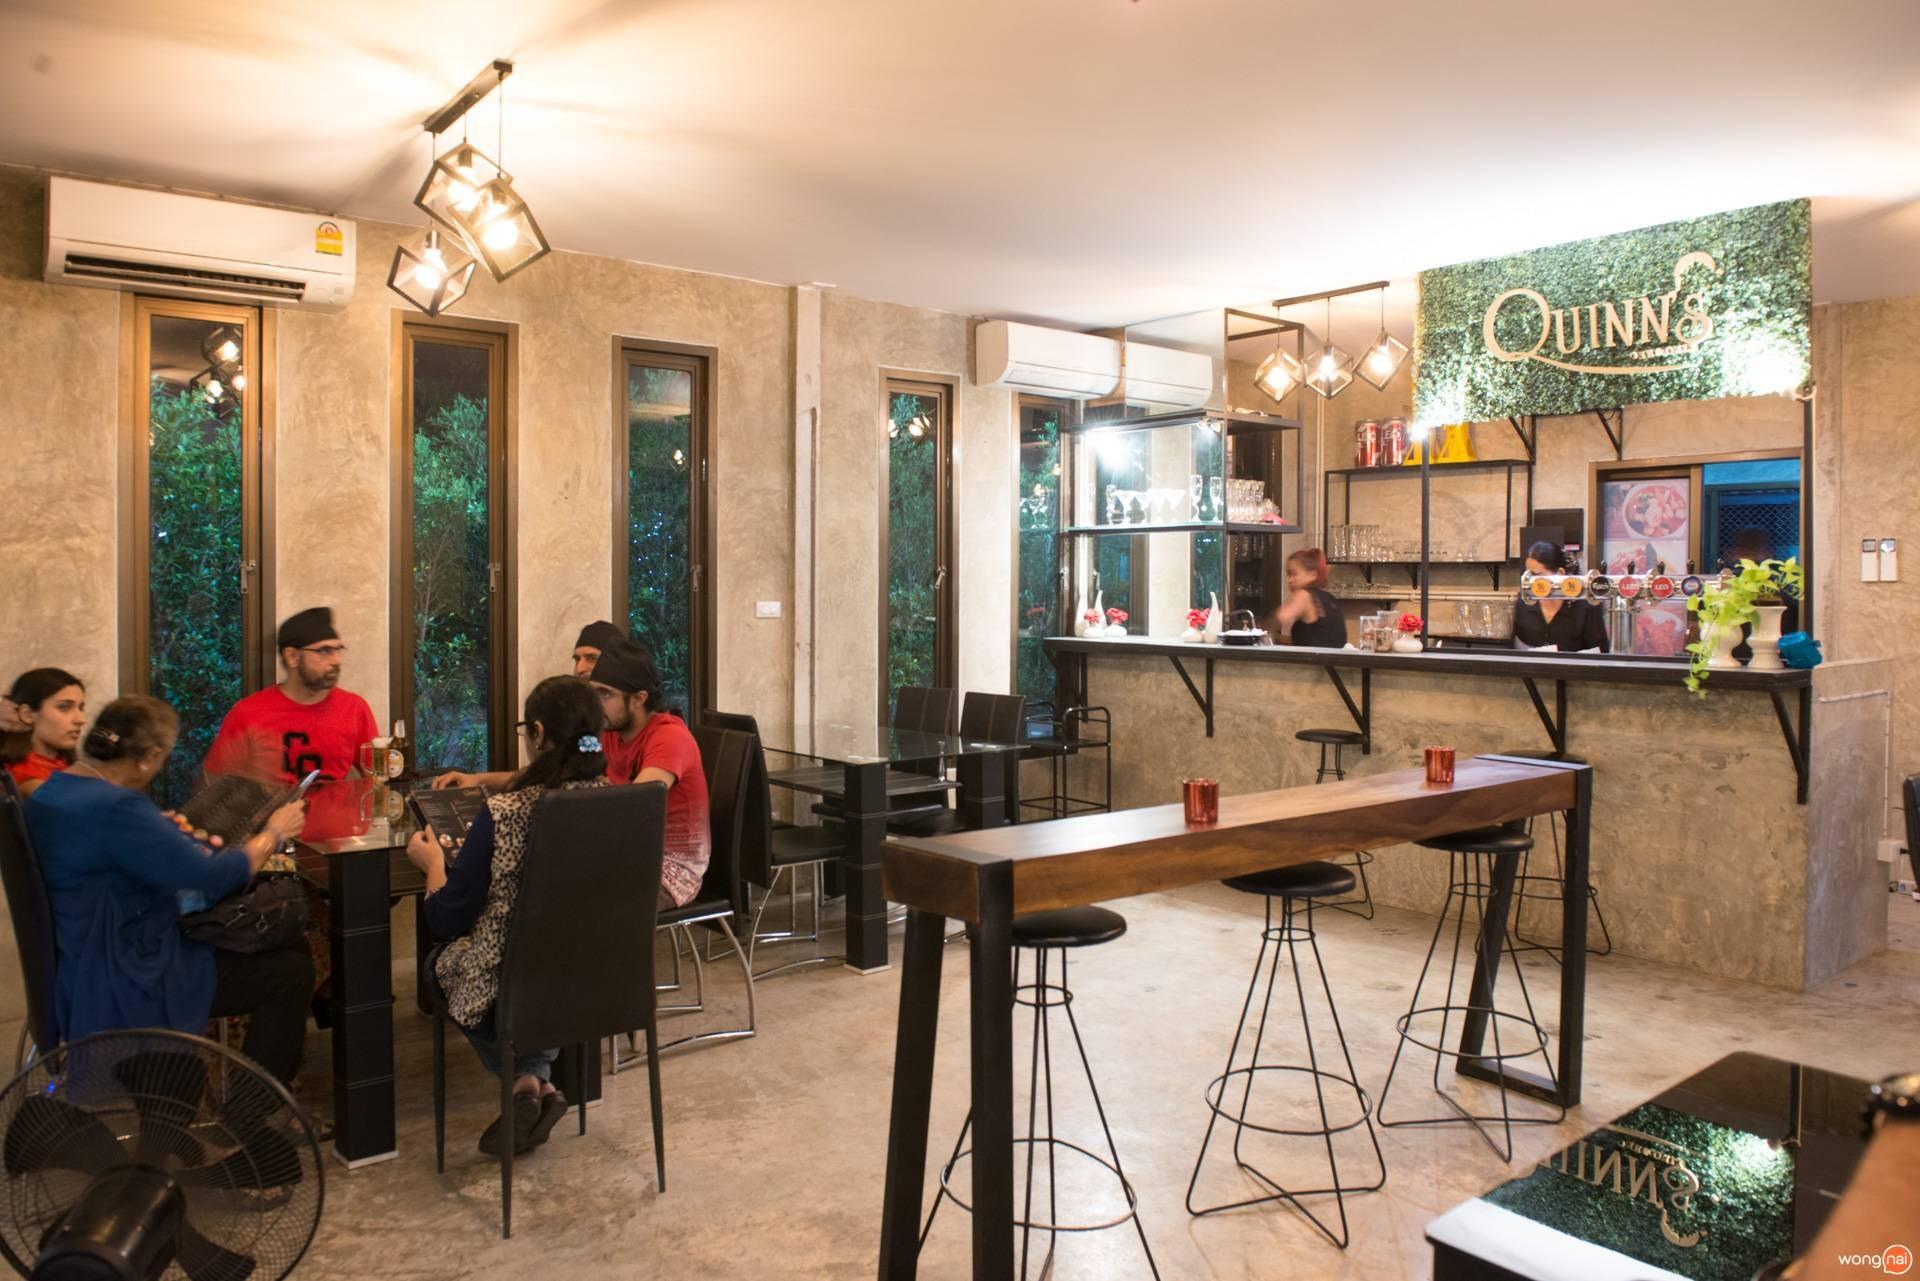 [รีวิว] QUINN's ร้านอาหารอินเดียขอนแก่น สูตรต้นตำรับฝีมือเชฟอินเดียแท้